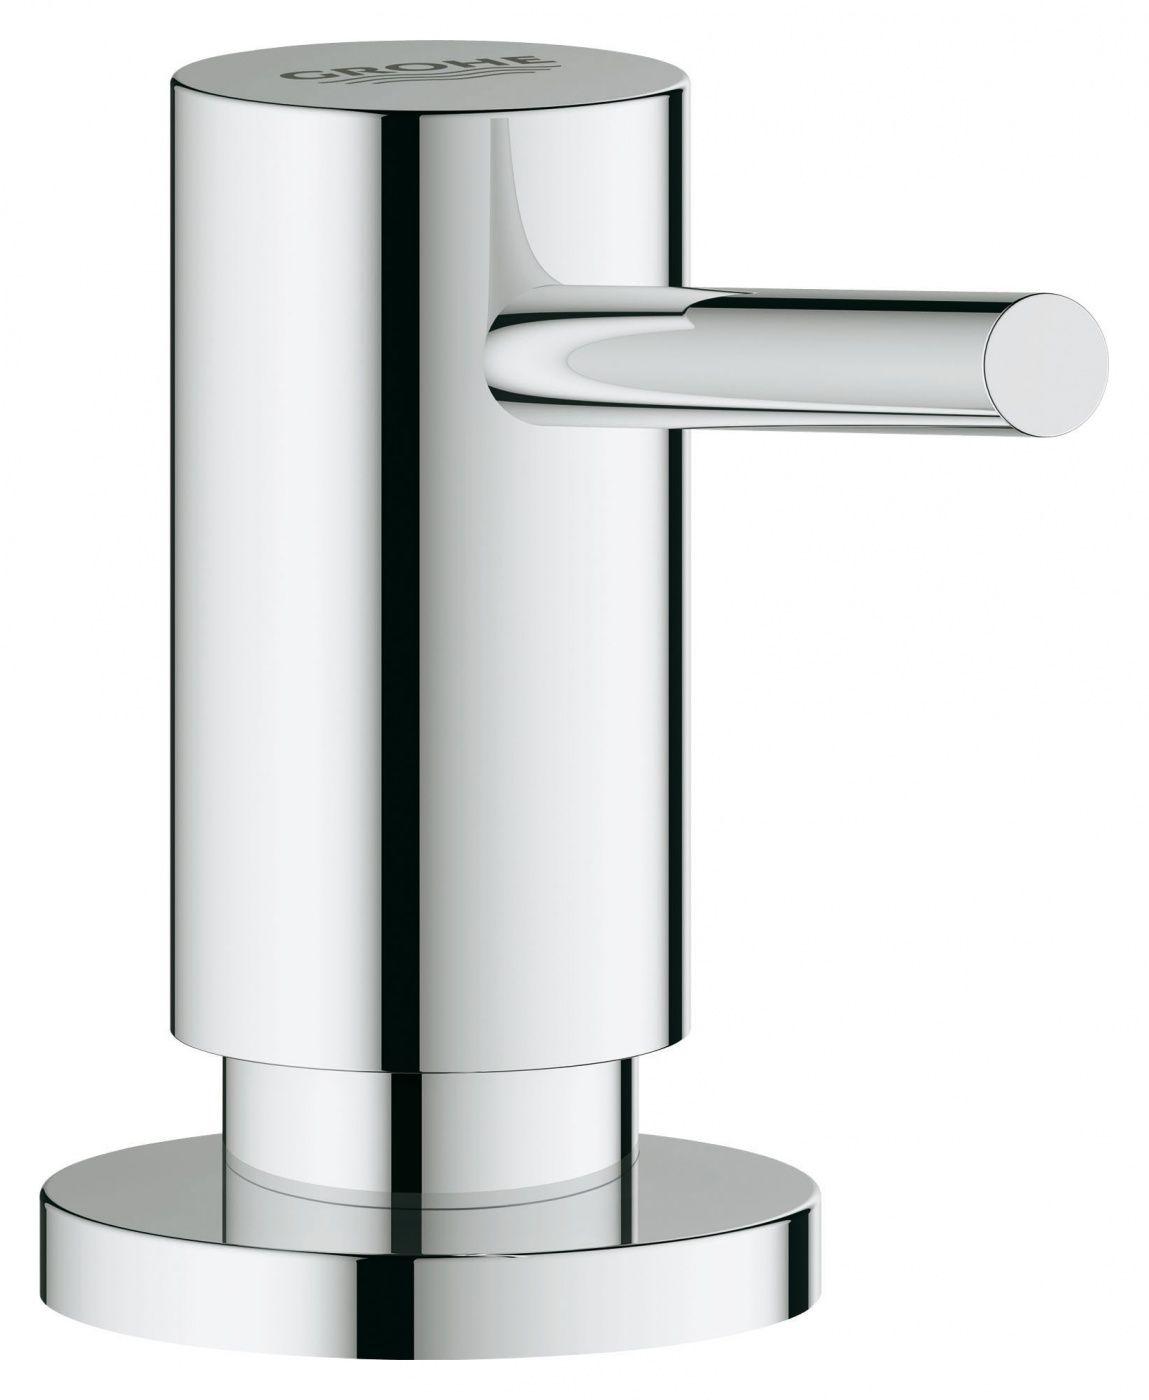 Дозатор для жидкого мыла Grohe Essentials 40535000 ФОТО